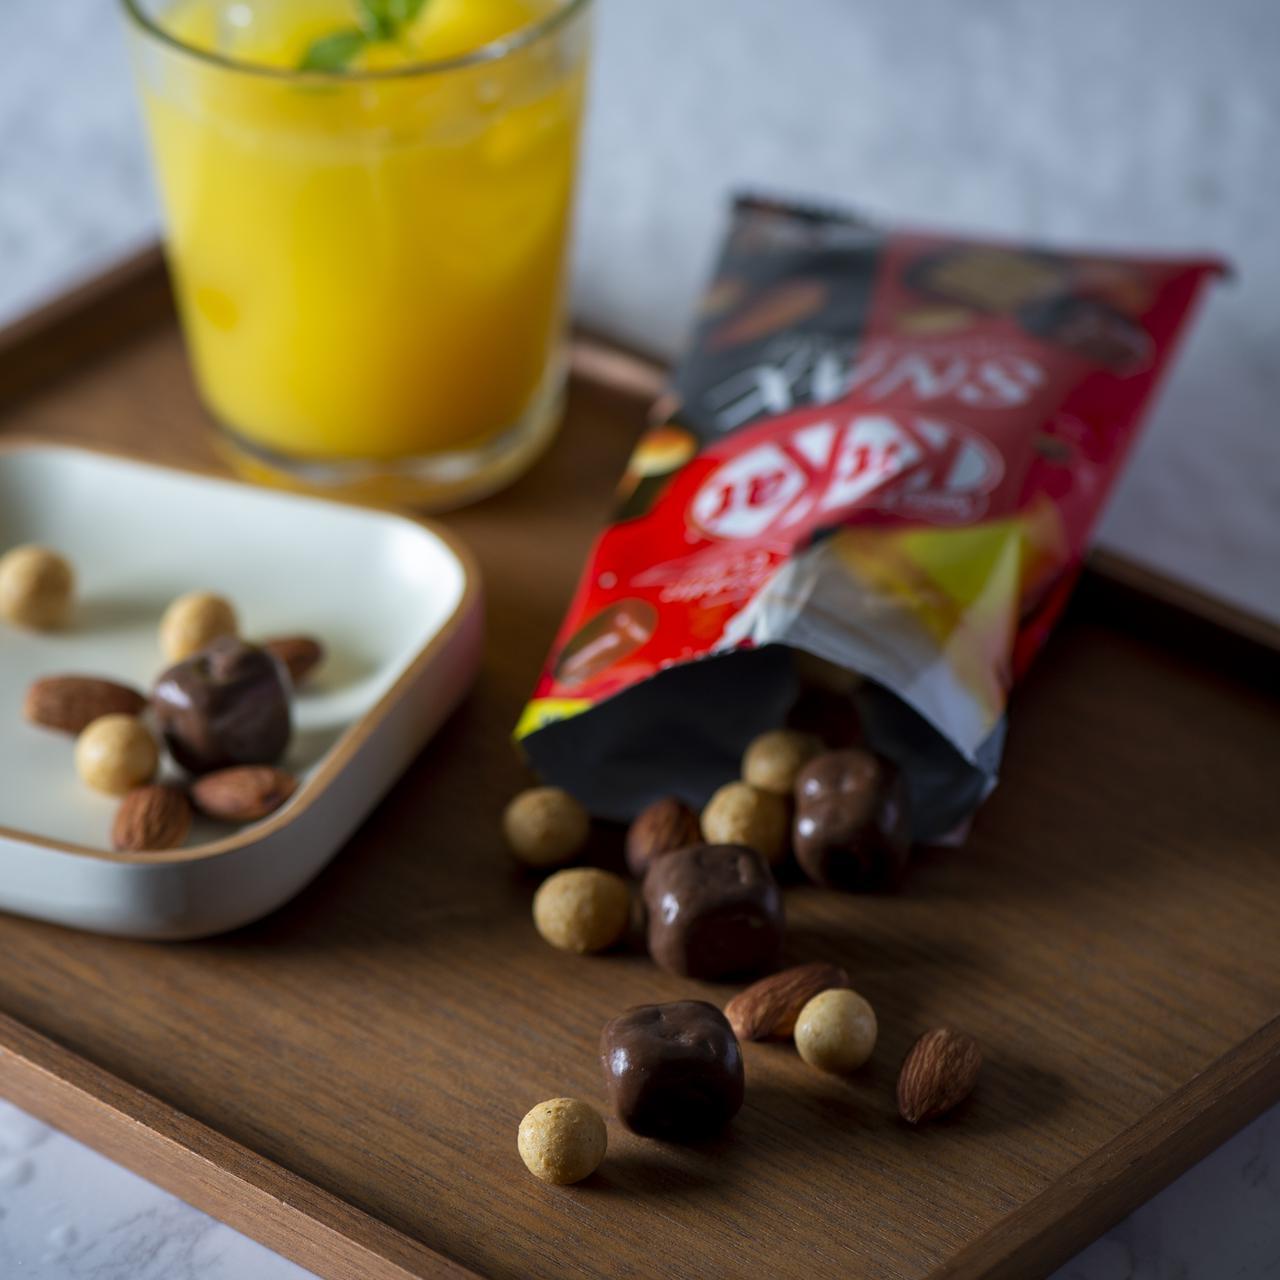 画像: ボールタイプの「キットカット」、塩ローストアーモンド、コクのあるチーズ風味の大豆の3種類がミックスされた「キットカット スナックス」